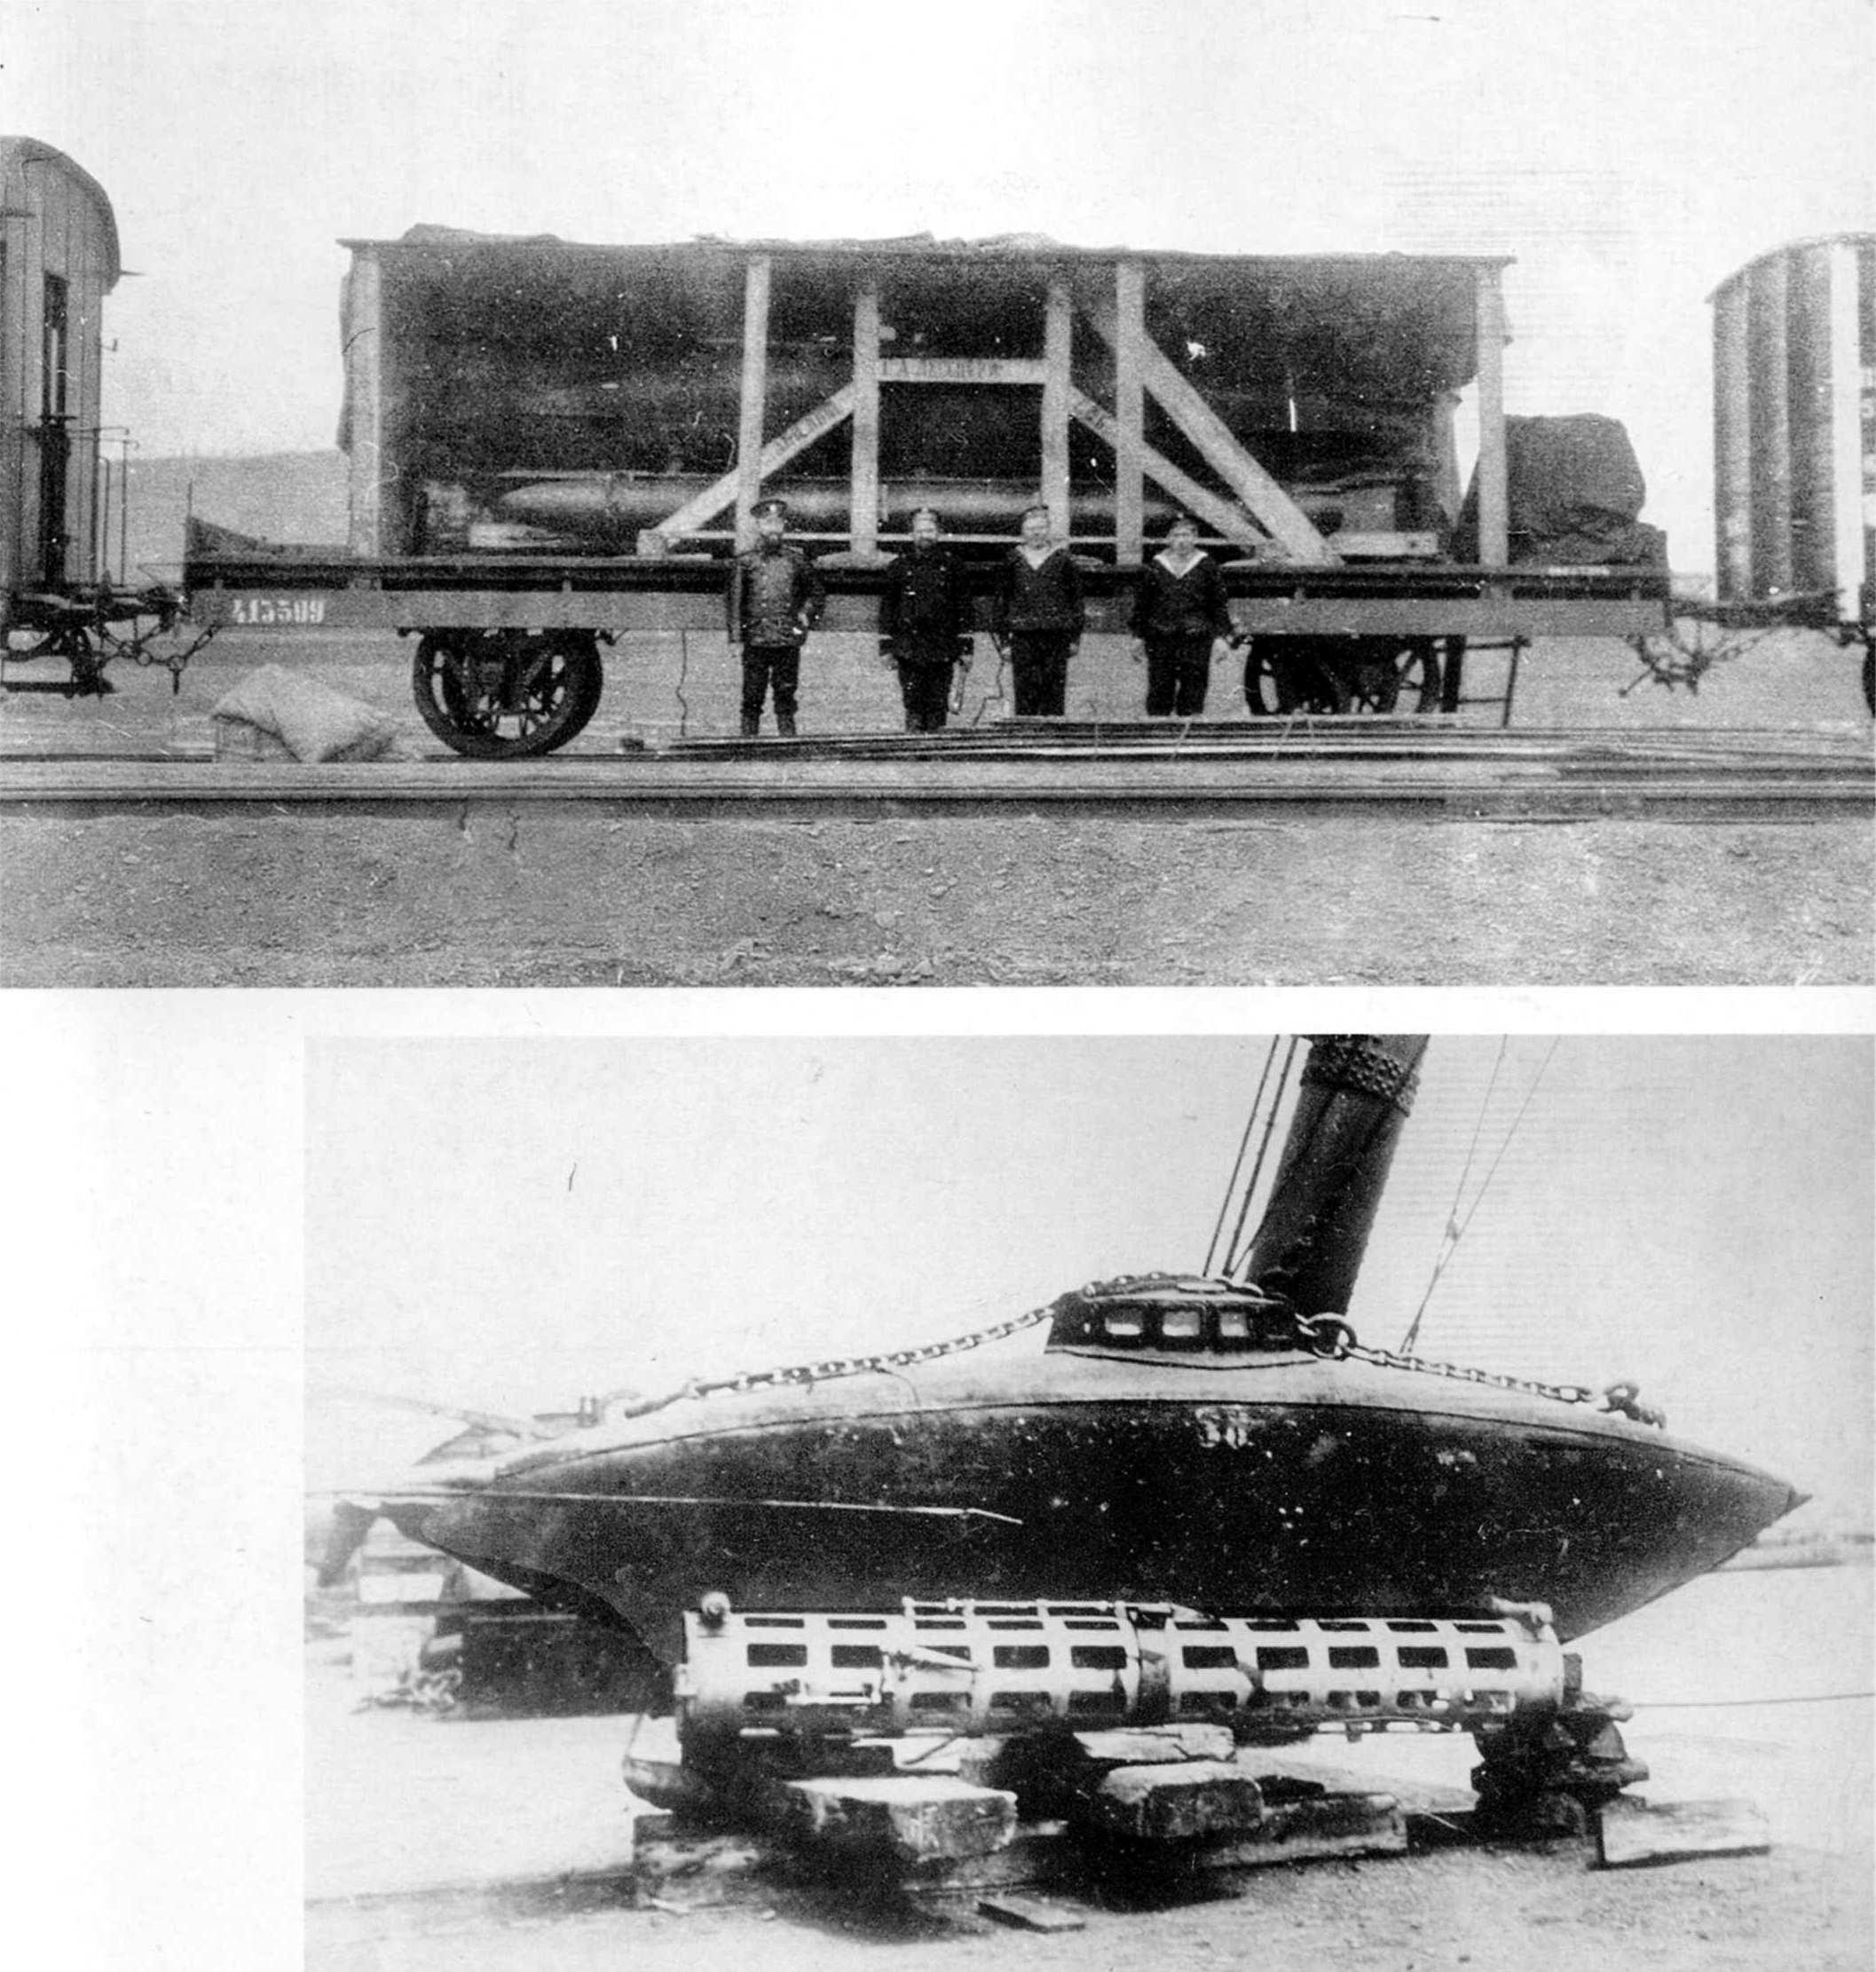 Keta_1904.jpg